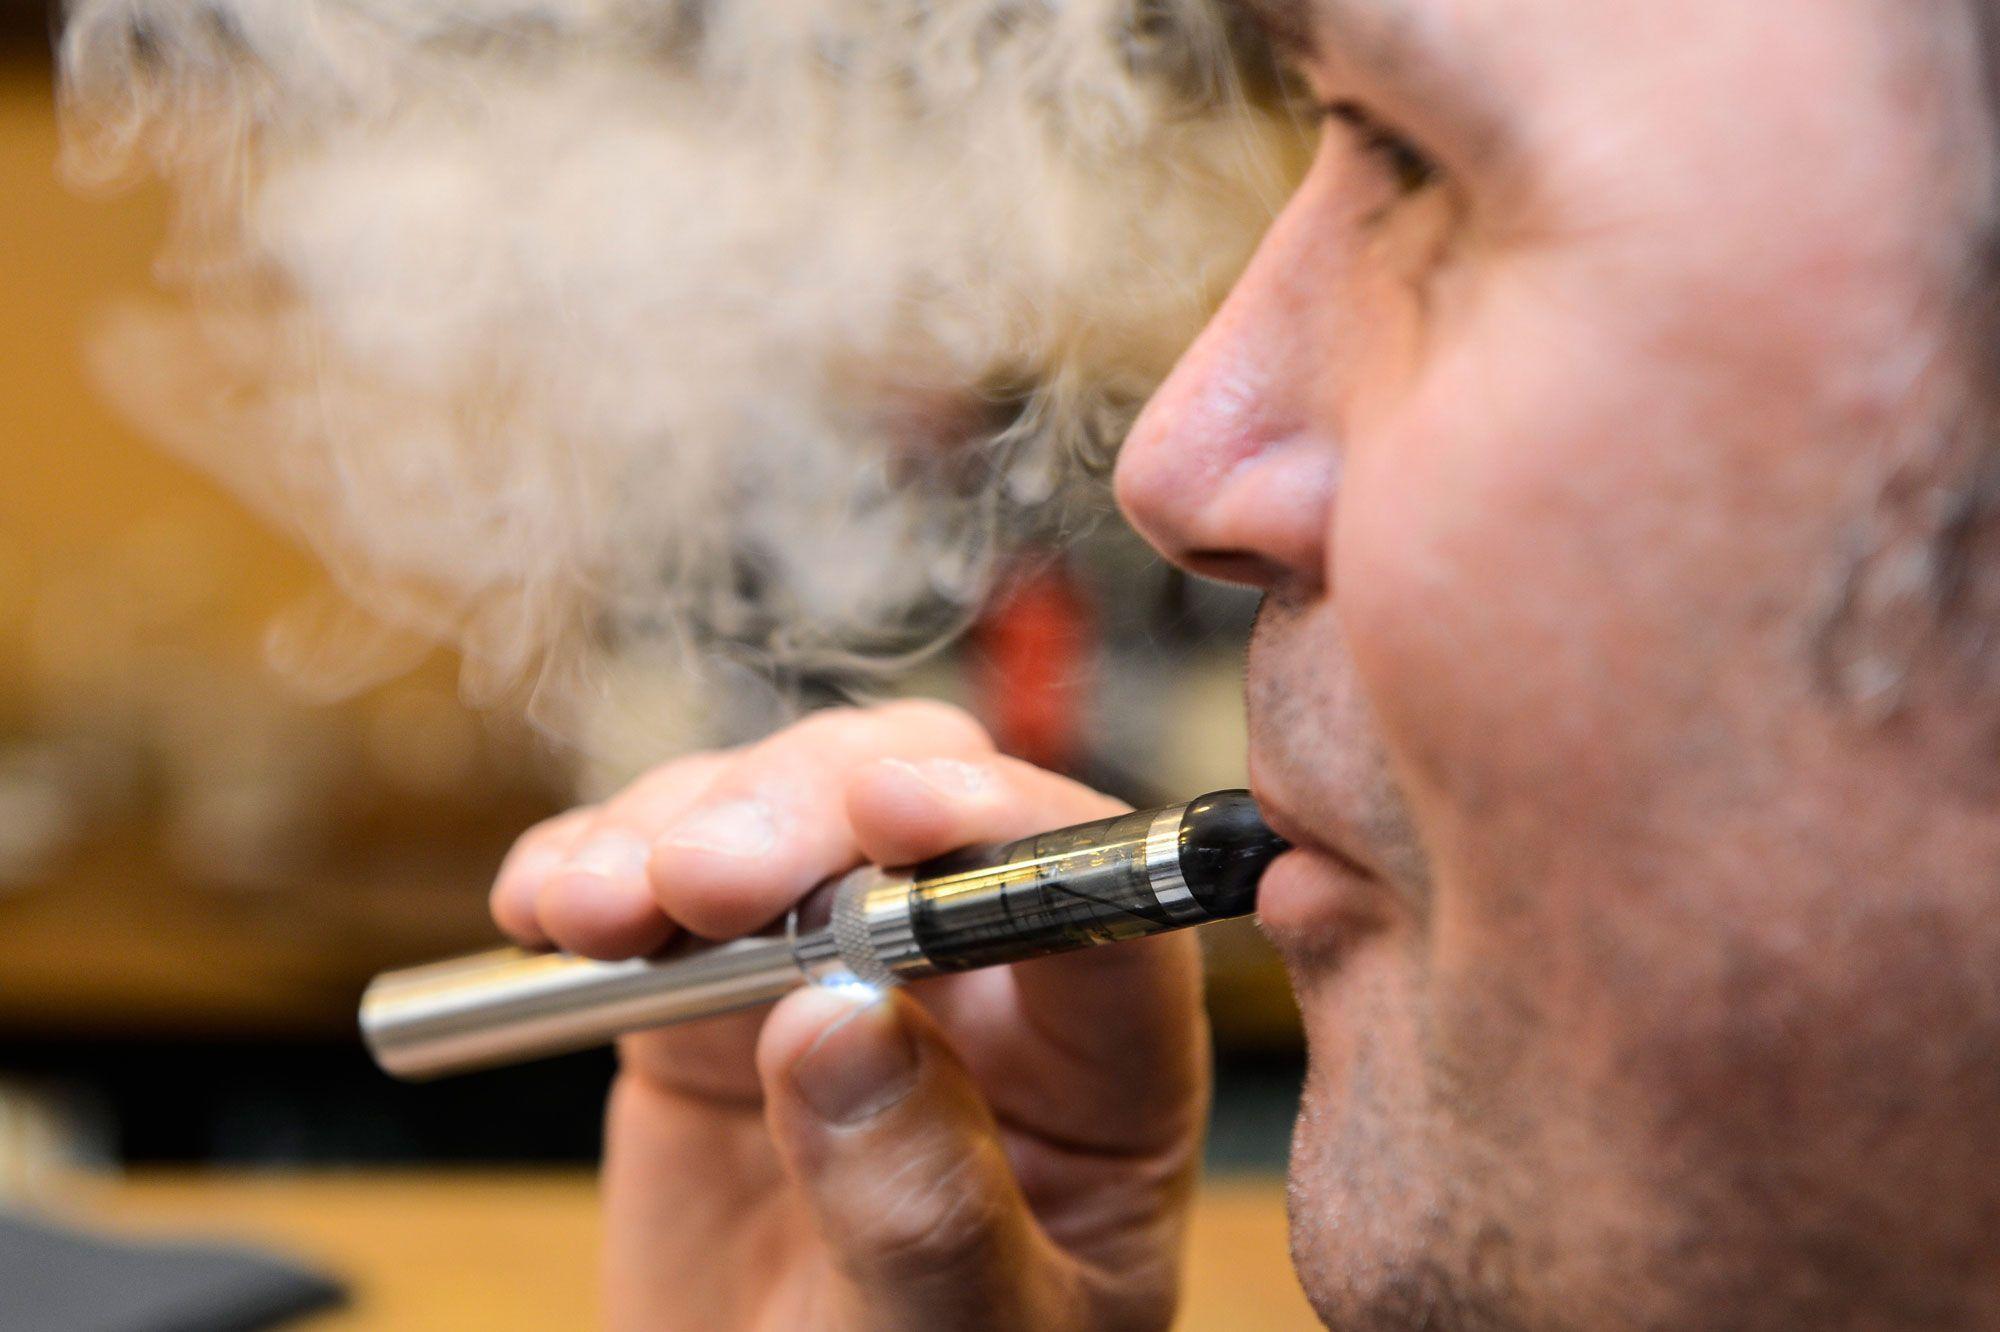 Ecig o bec : la nicotine est-elle un danger pour la santé ?